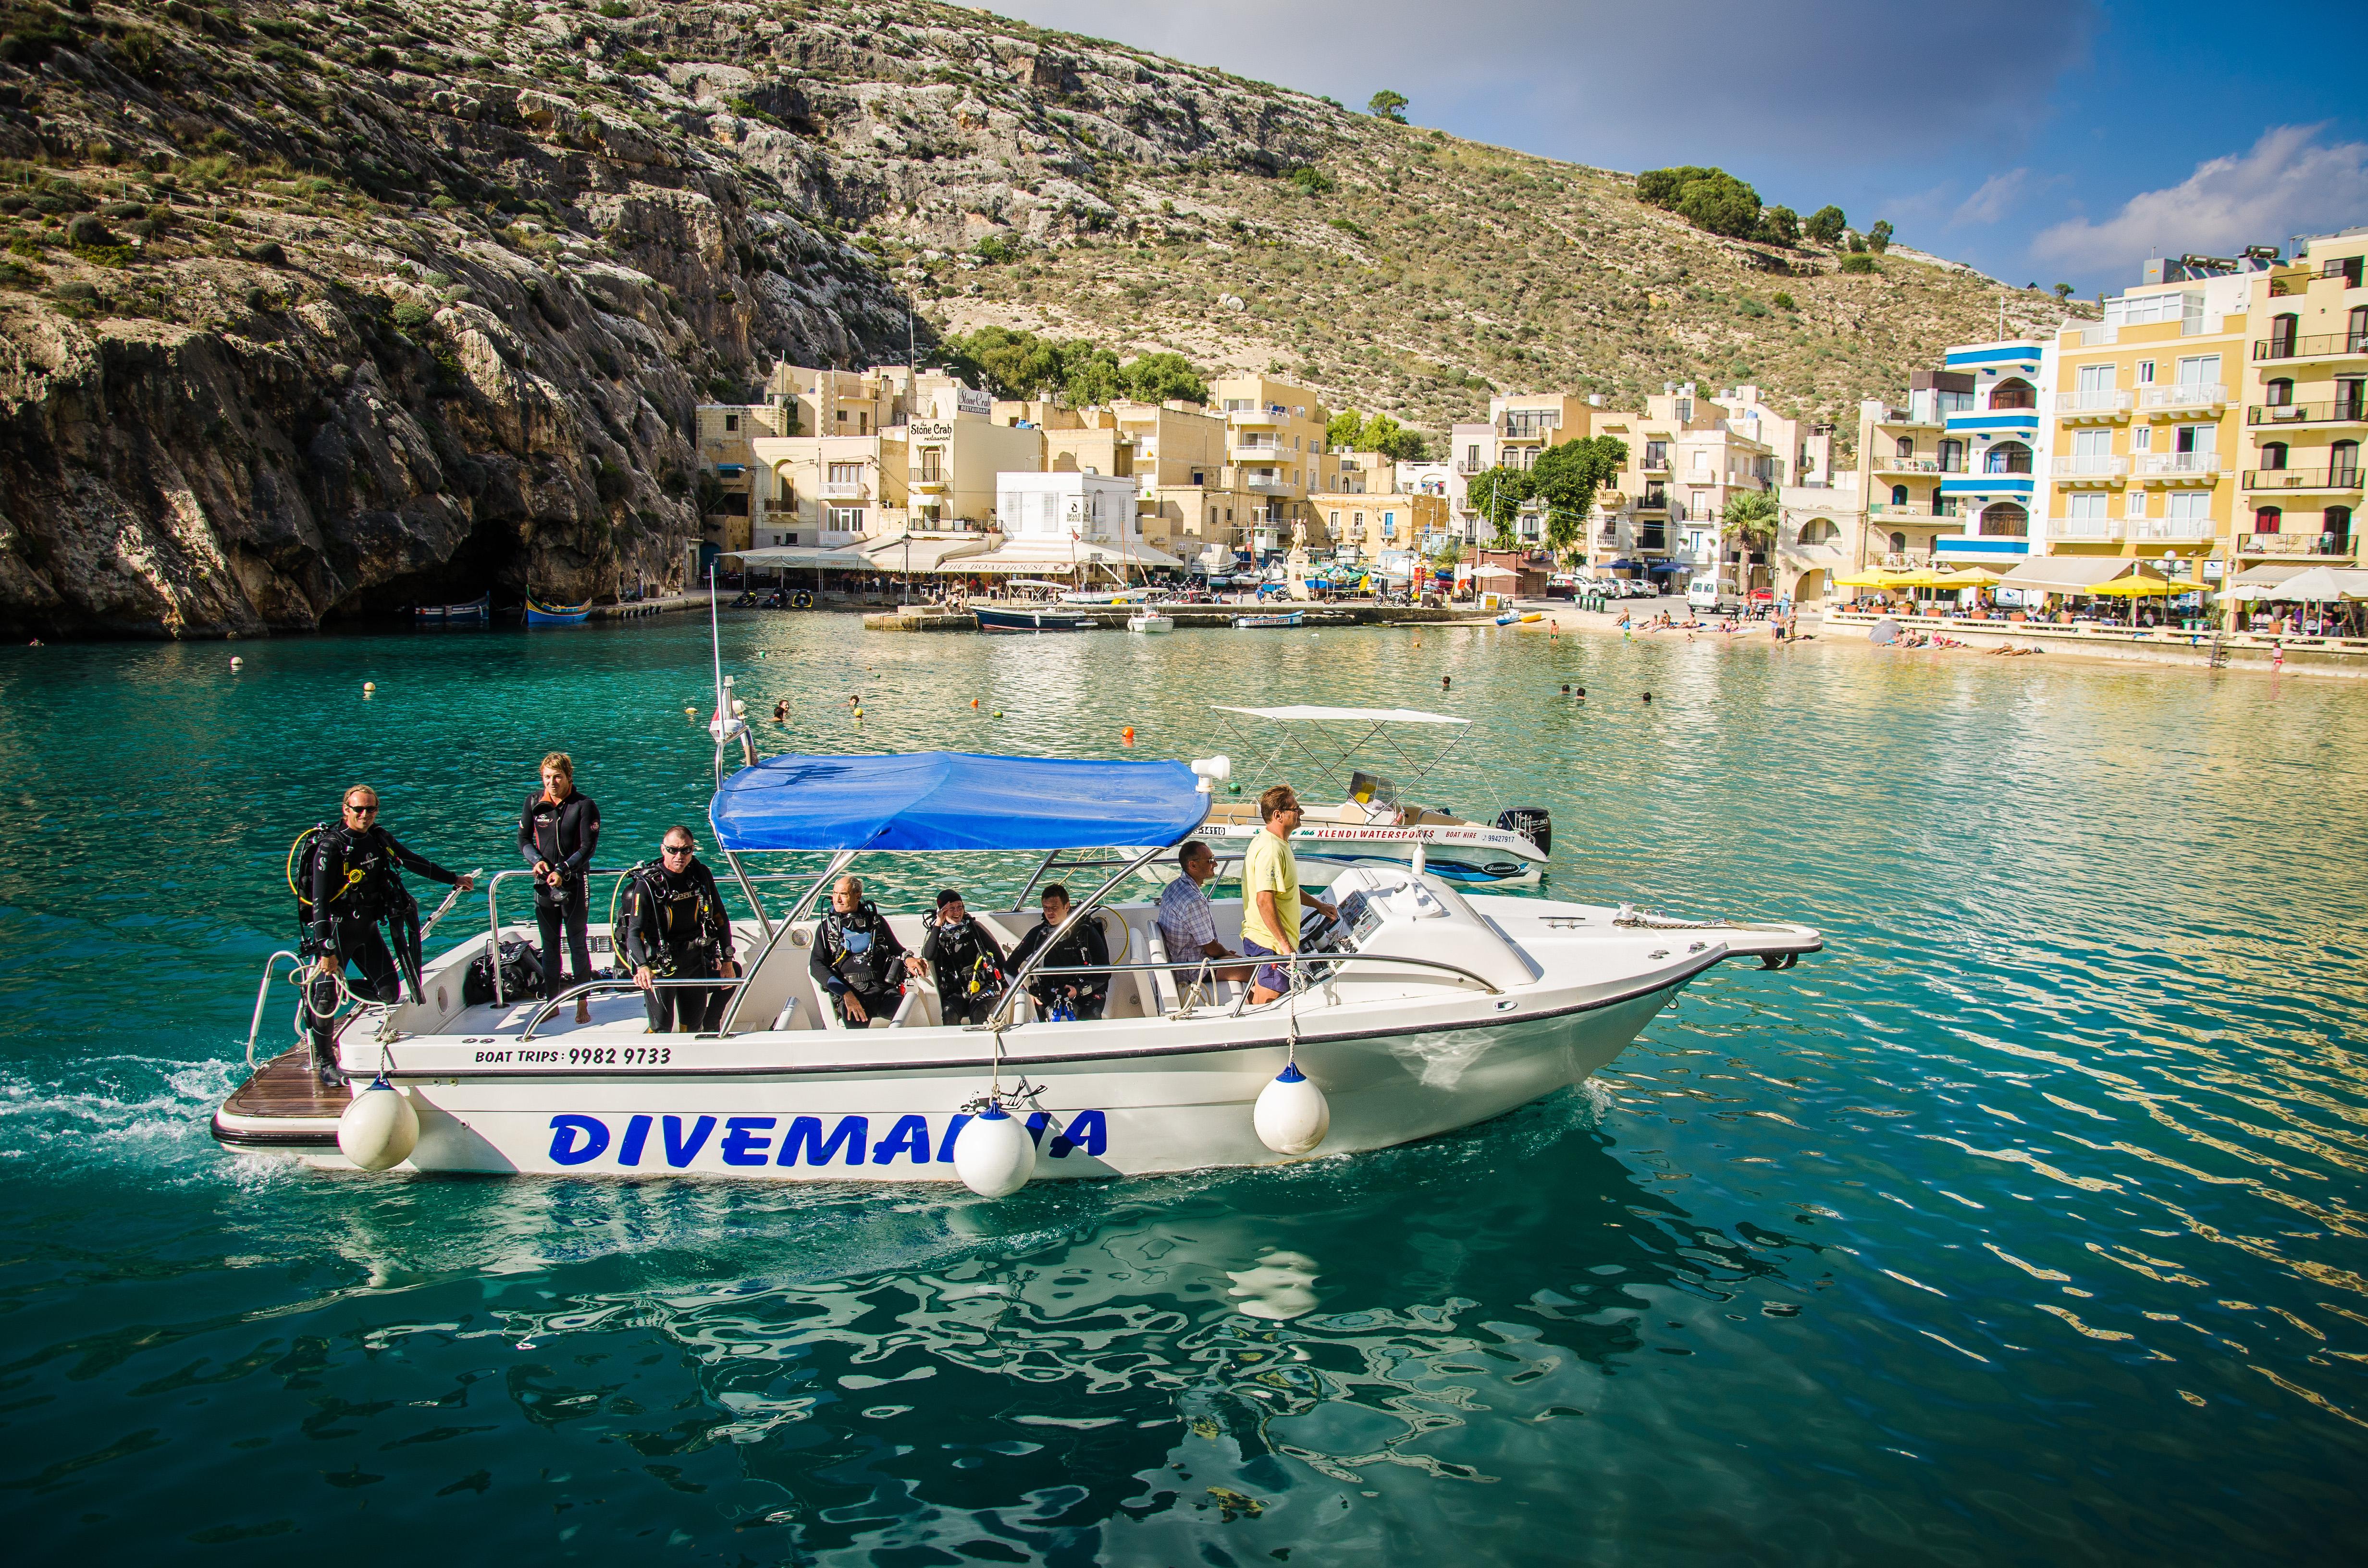 Divemania returning from a dive at Dawra Tas-Sanap